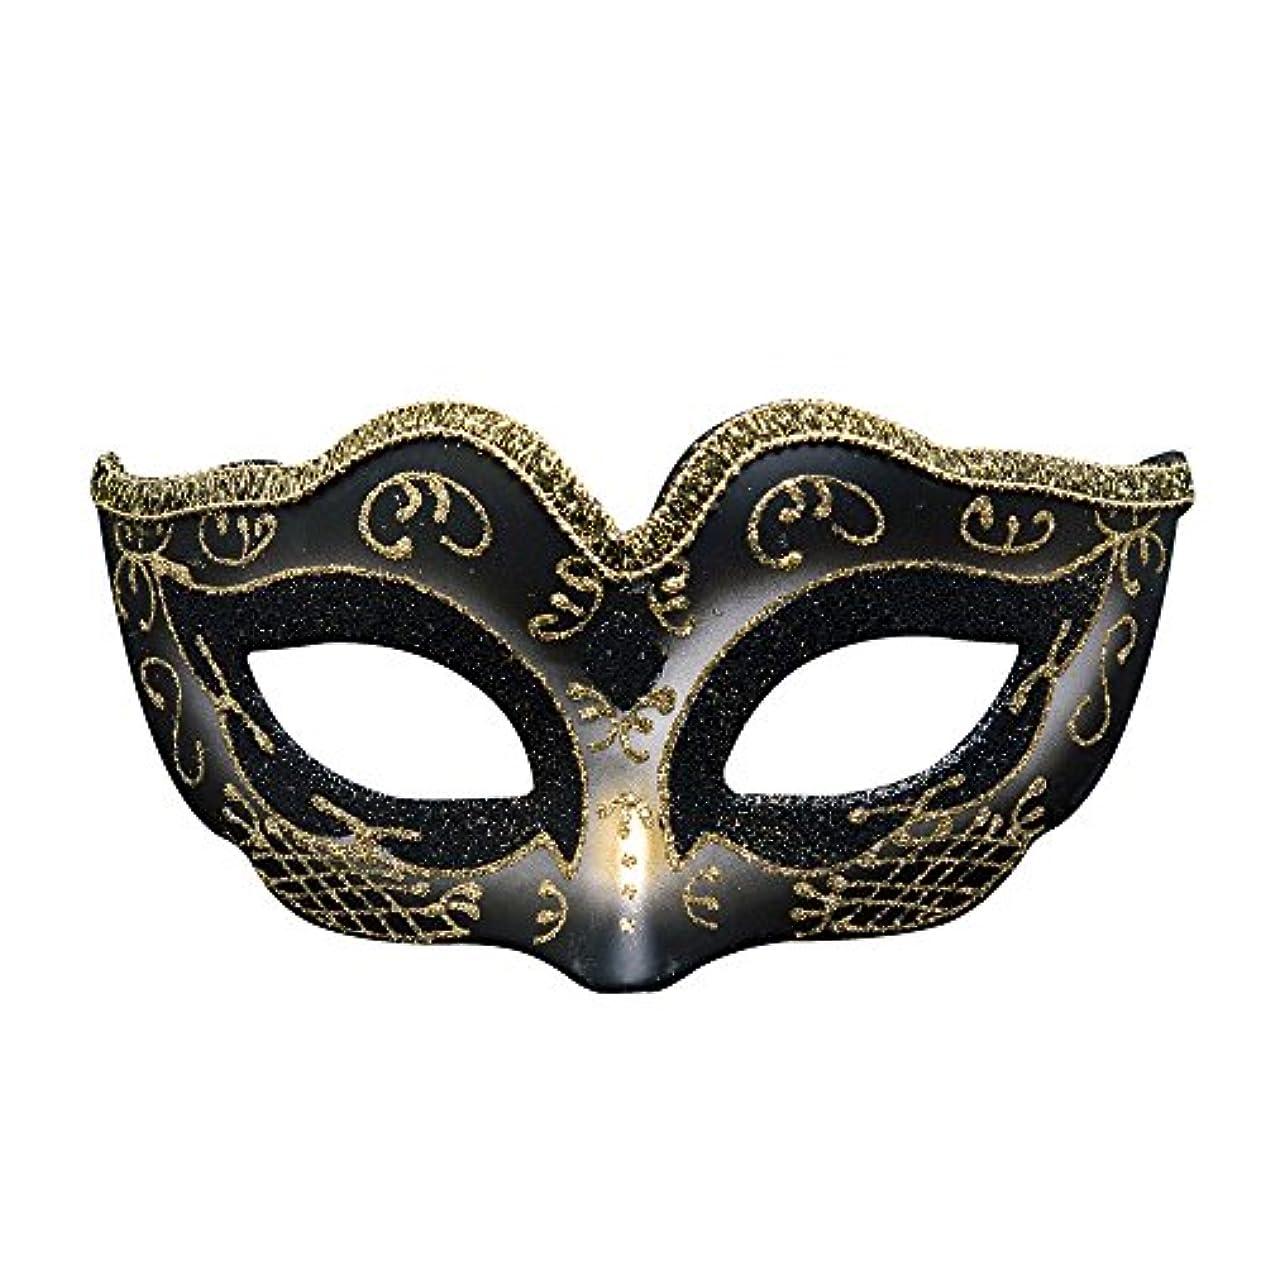 ロープ分散責クリエイティブキッズマスカレードパーティーハロウィンマスククリスマス雰囲気マスク (Color : #6)